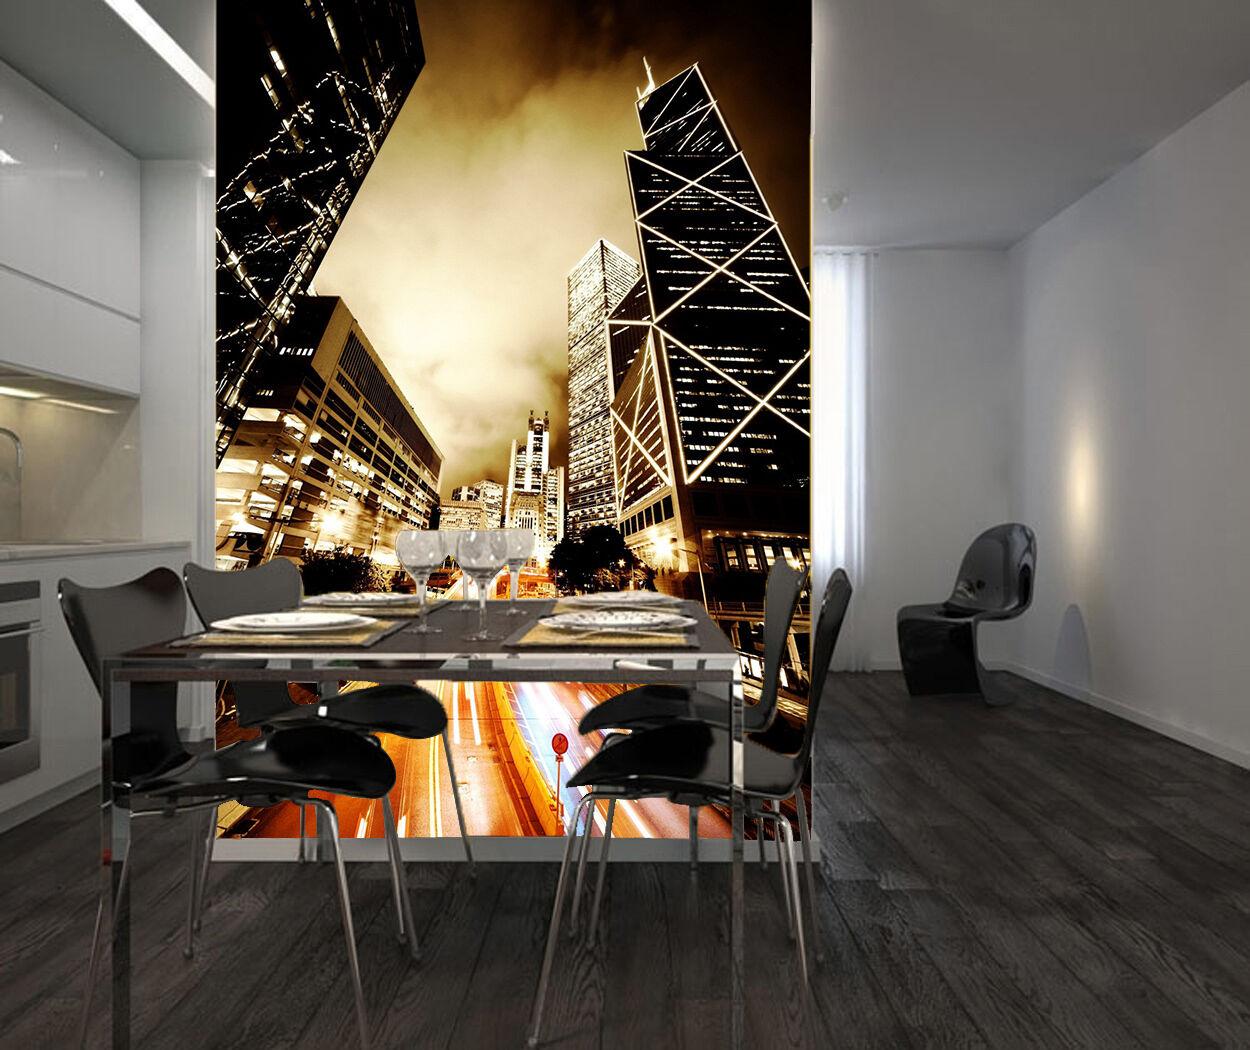 3D Haut-lieu Bâtime Photo Papier Peint en Autocollant Murale Plafond Chambre Art